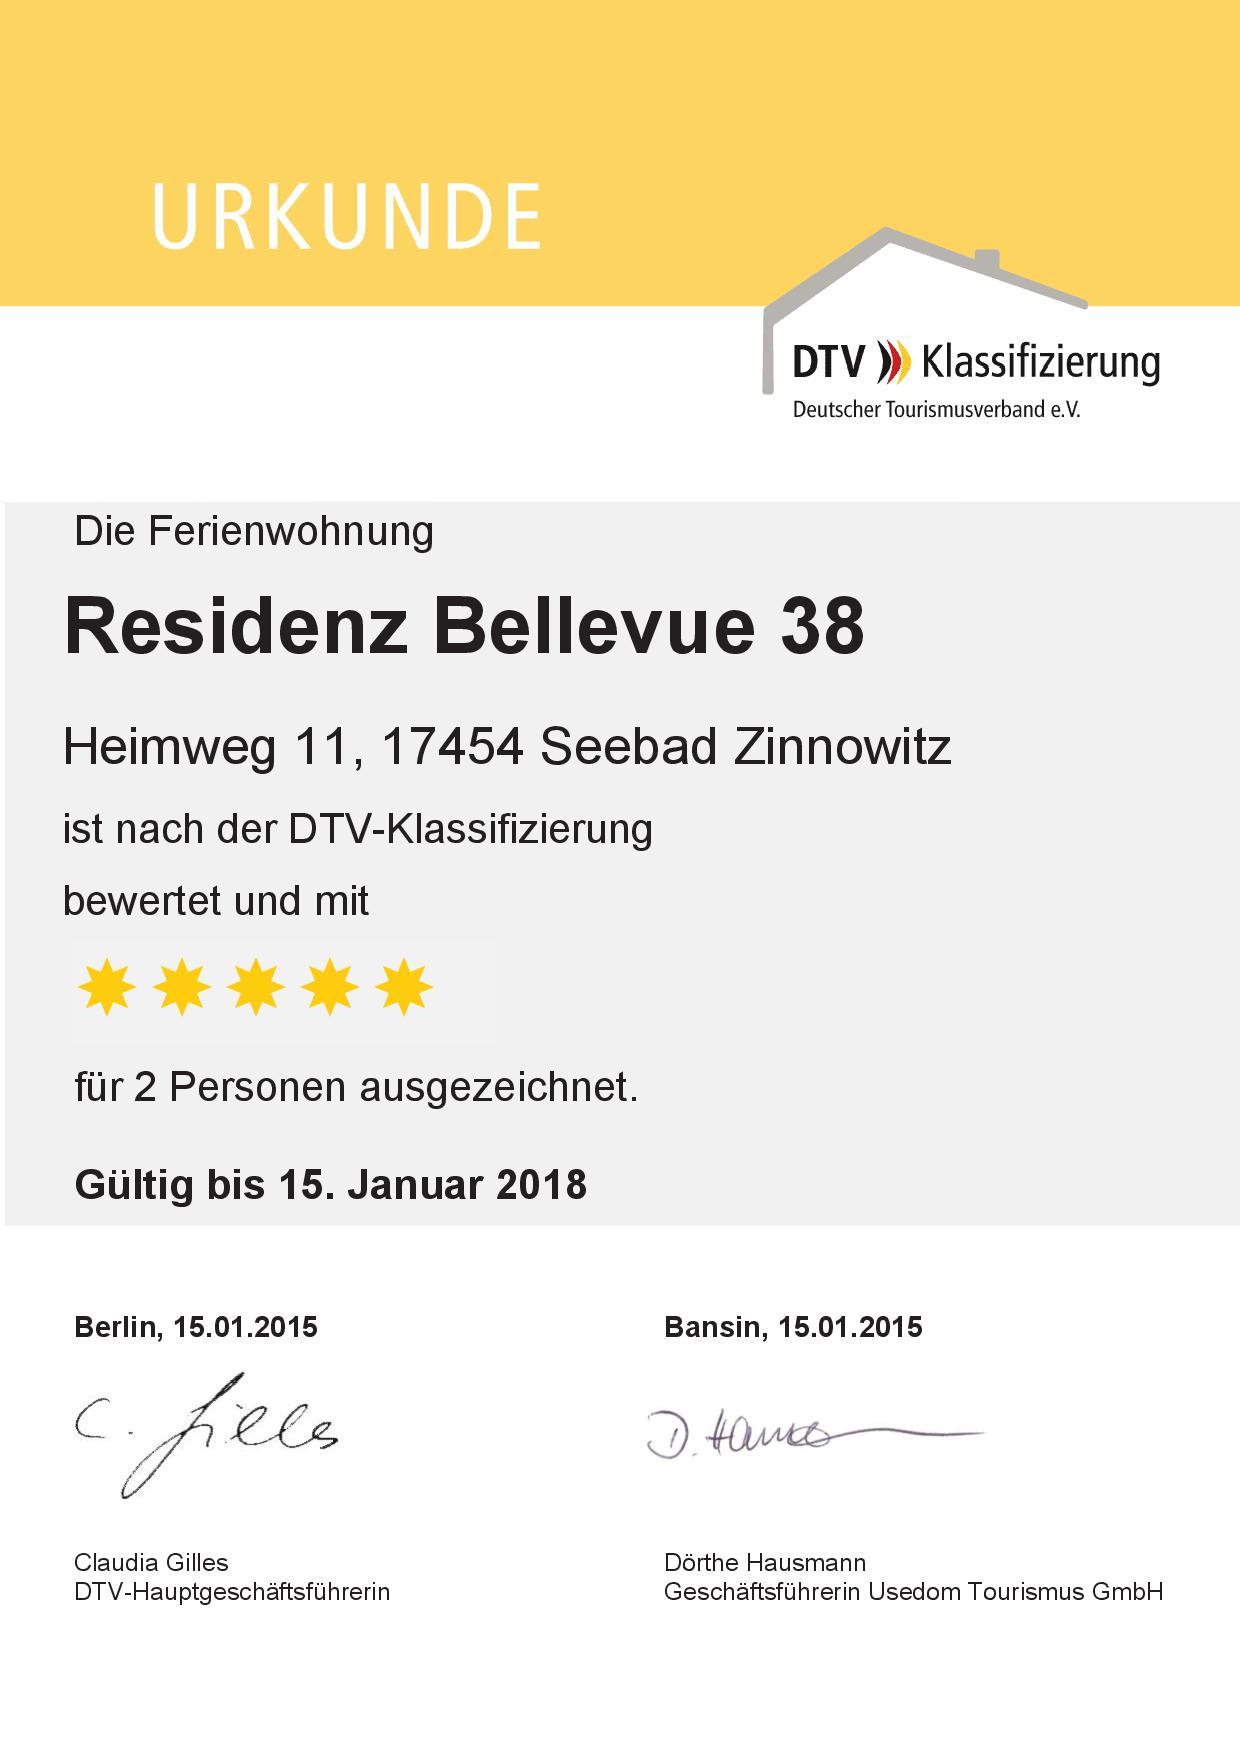 Ferienwohnung 38, 5 Sterne Zinnowitz, Residenz Belleveue, Heimweg 7-14